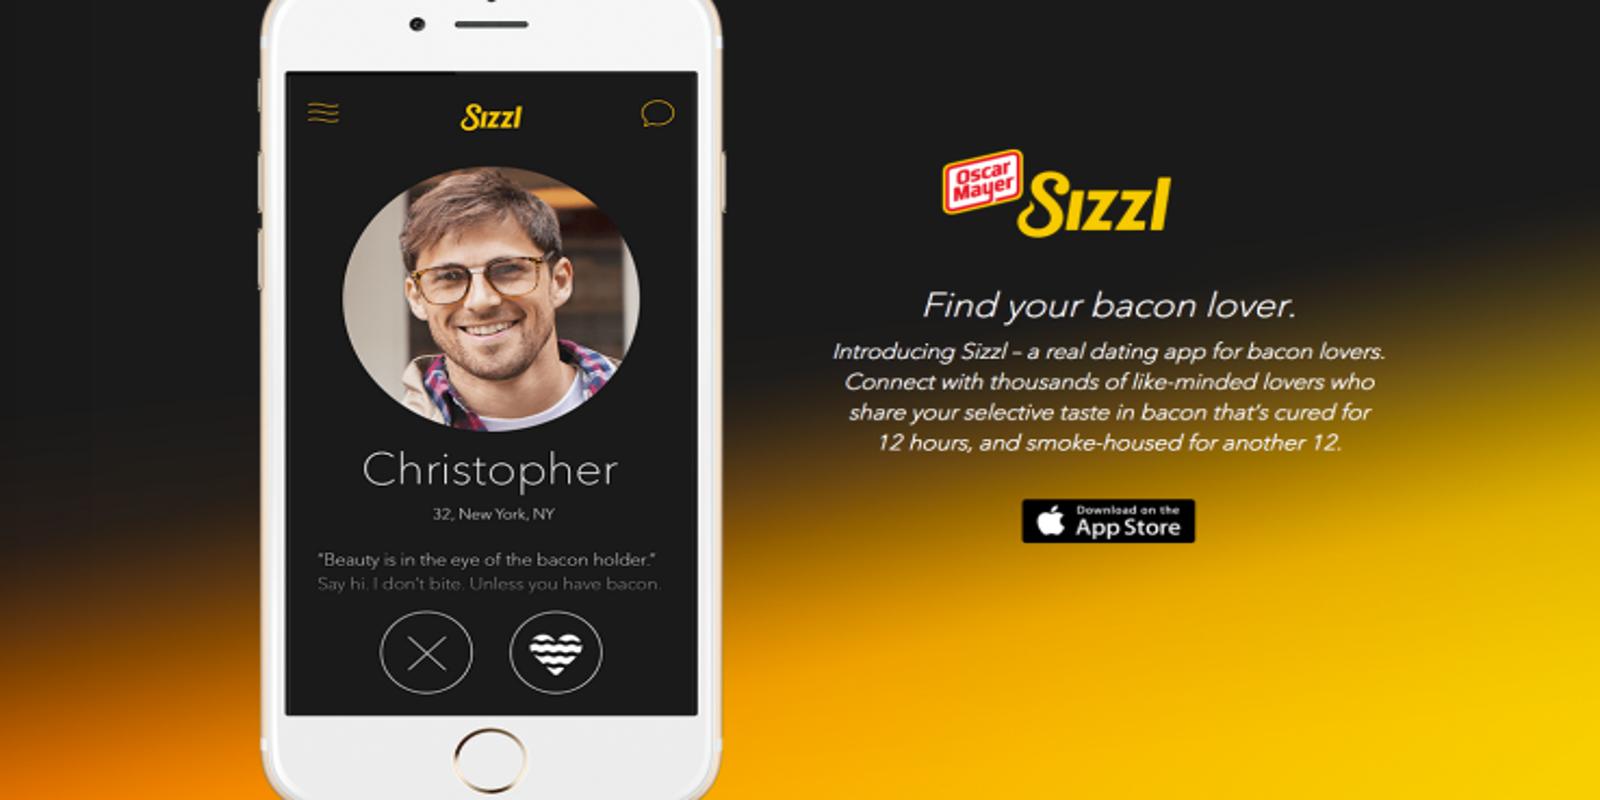 Match com Dating App